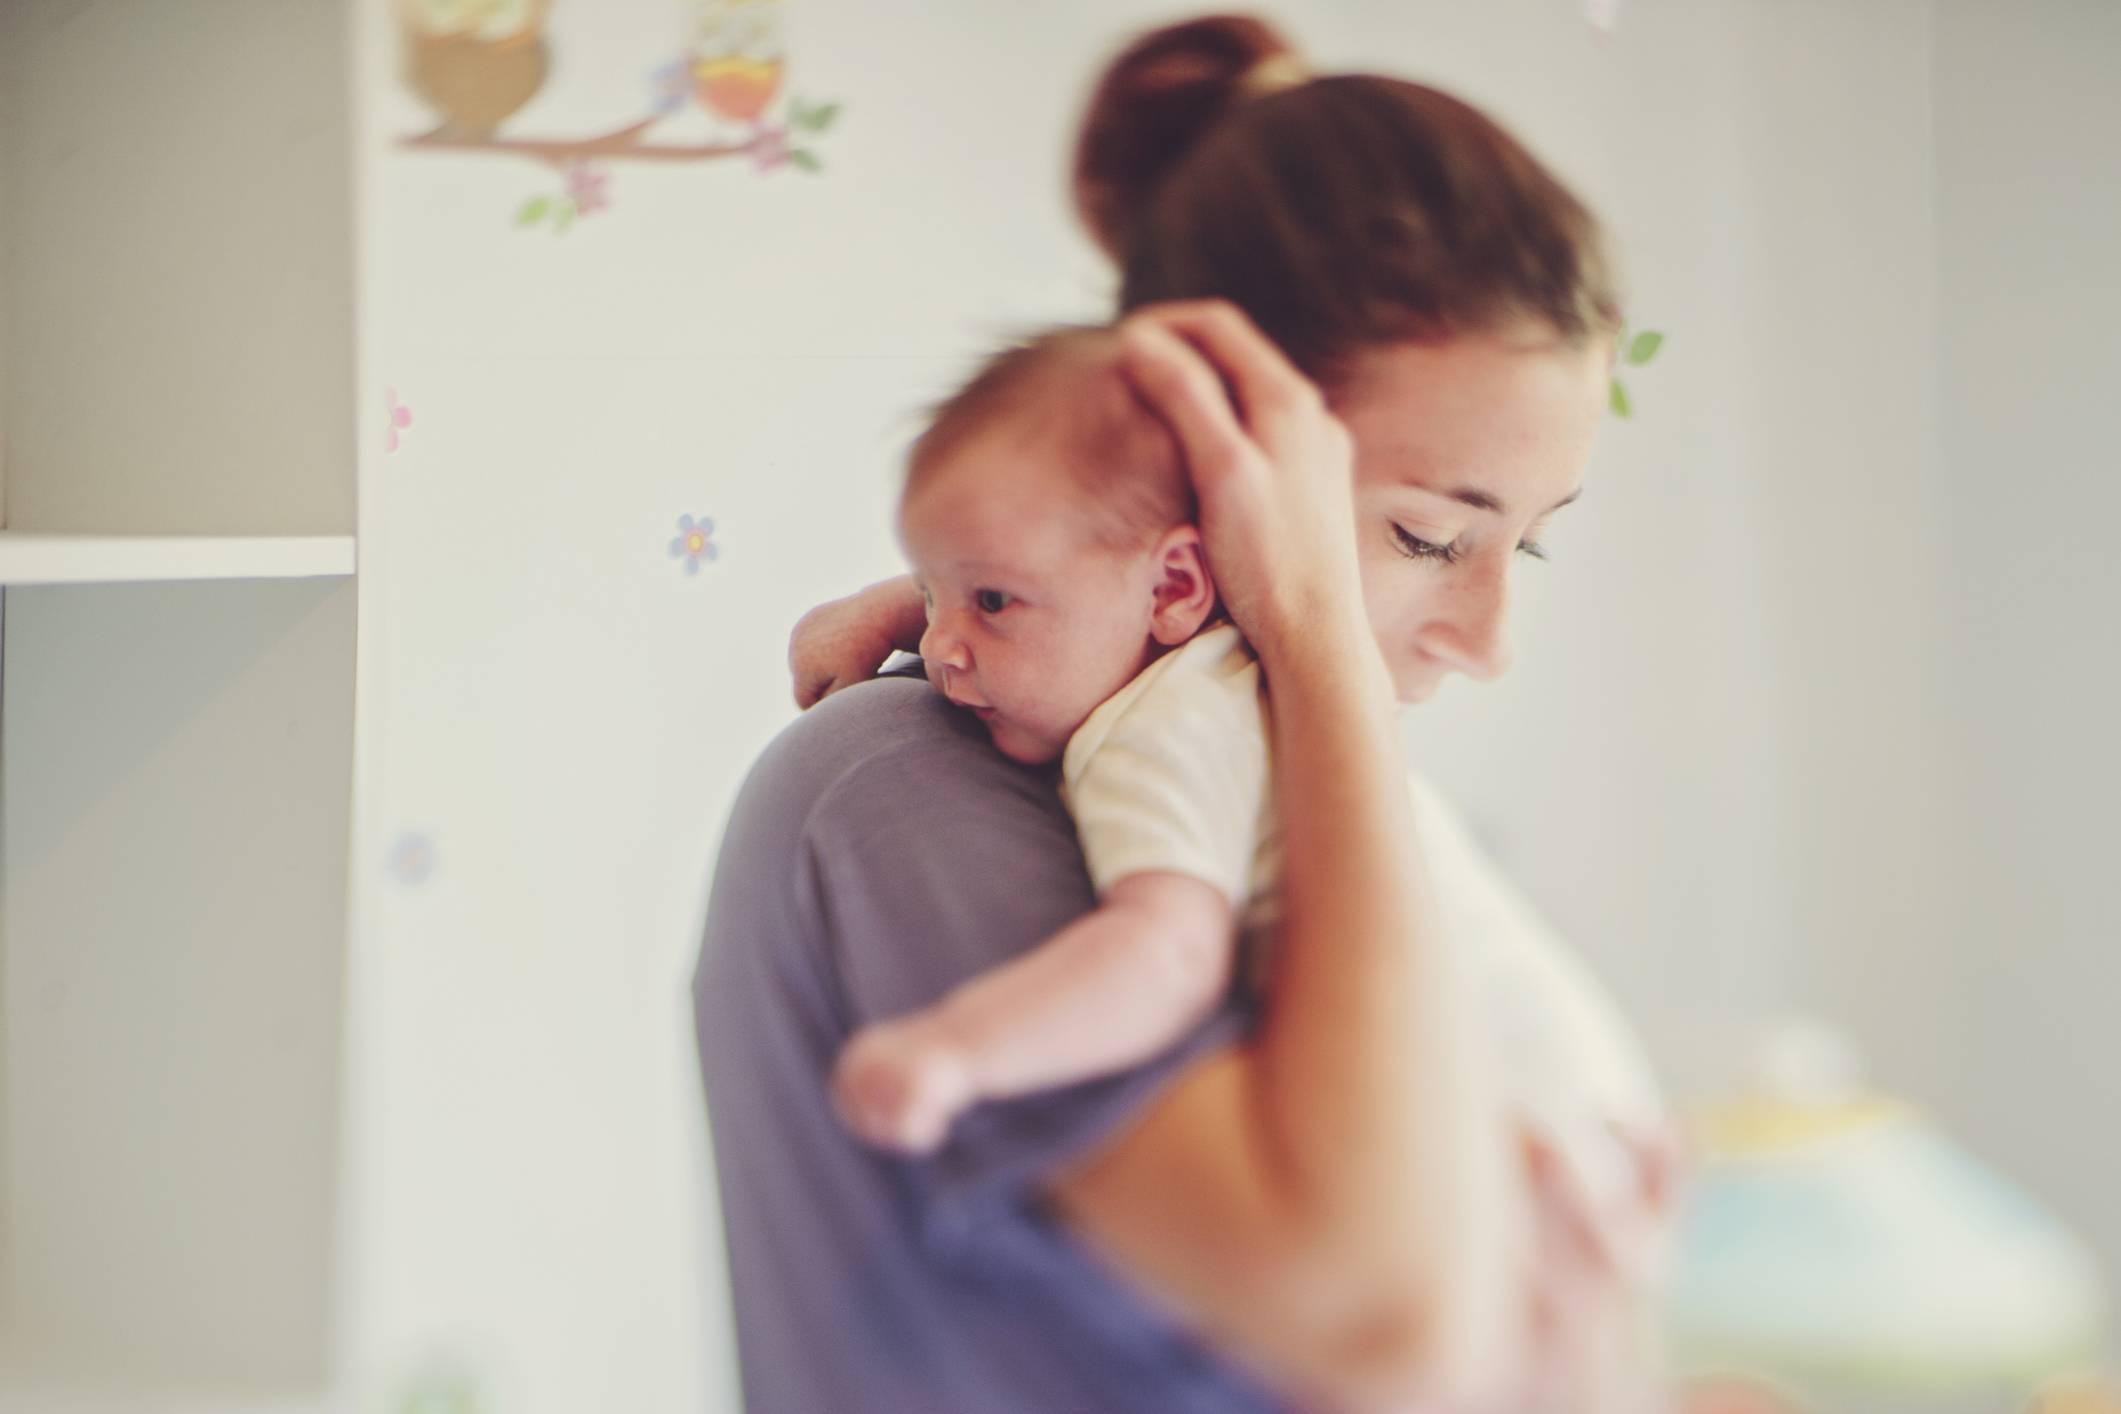 Чтобы первые дни материнства принесли радость - после родов